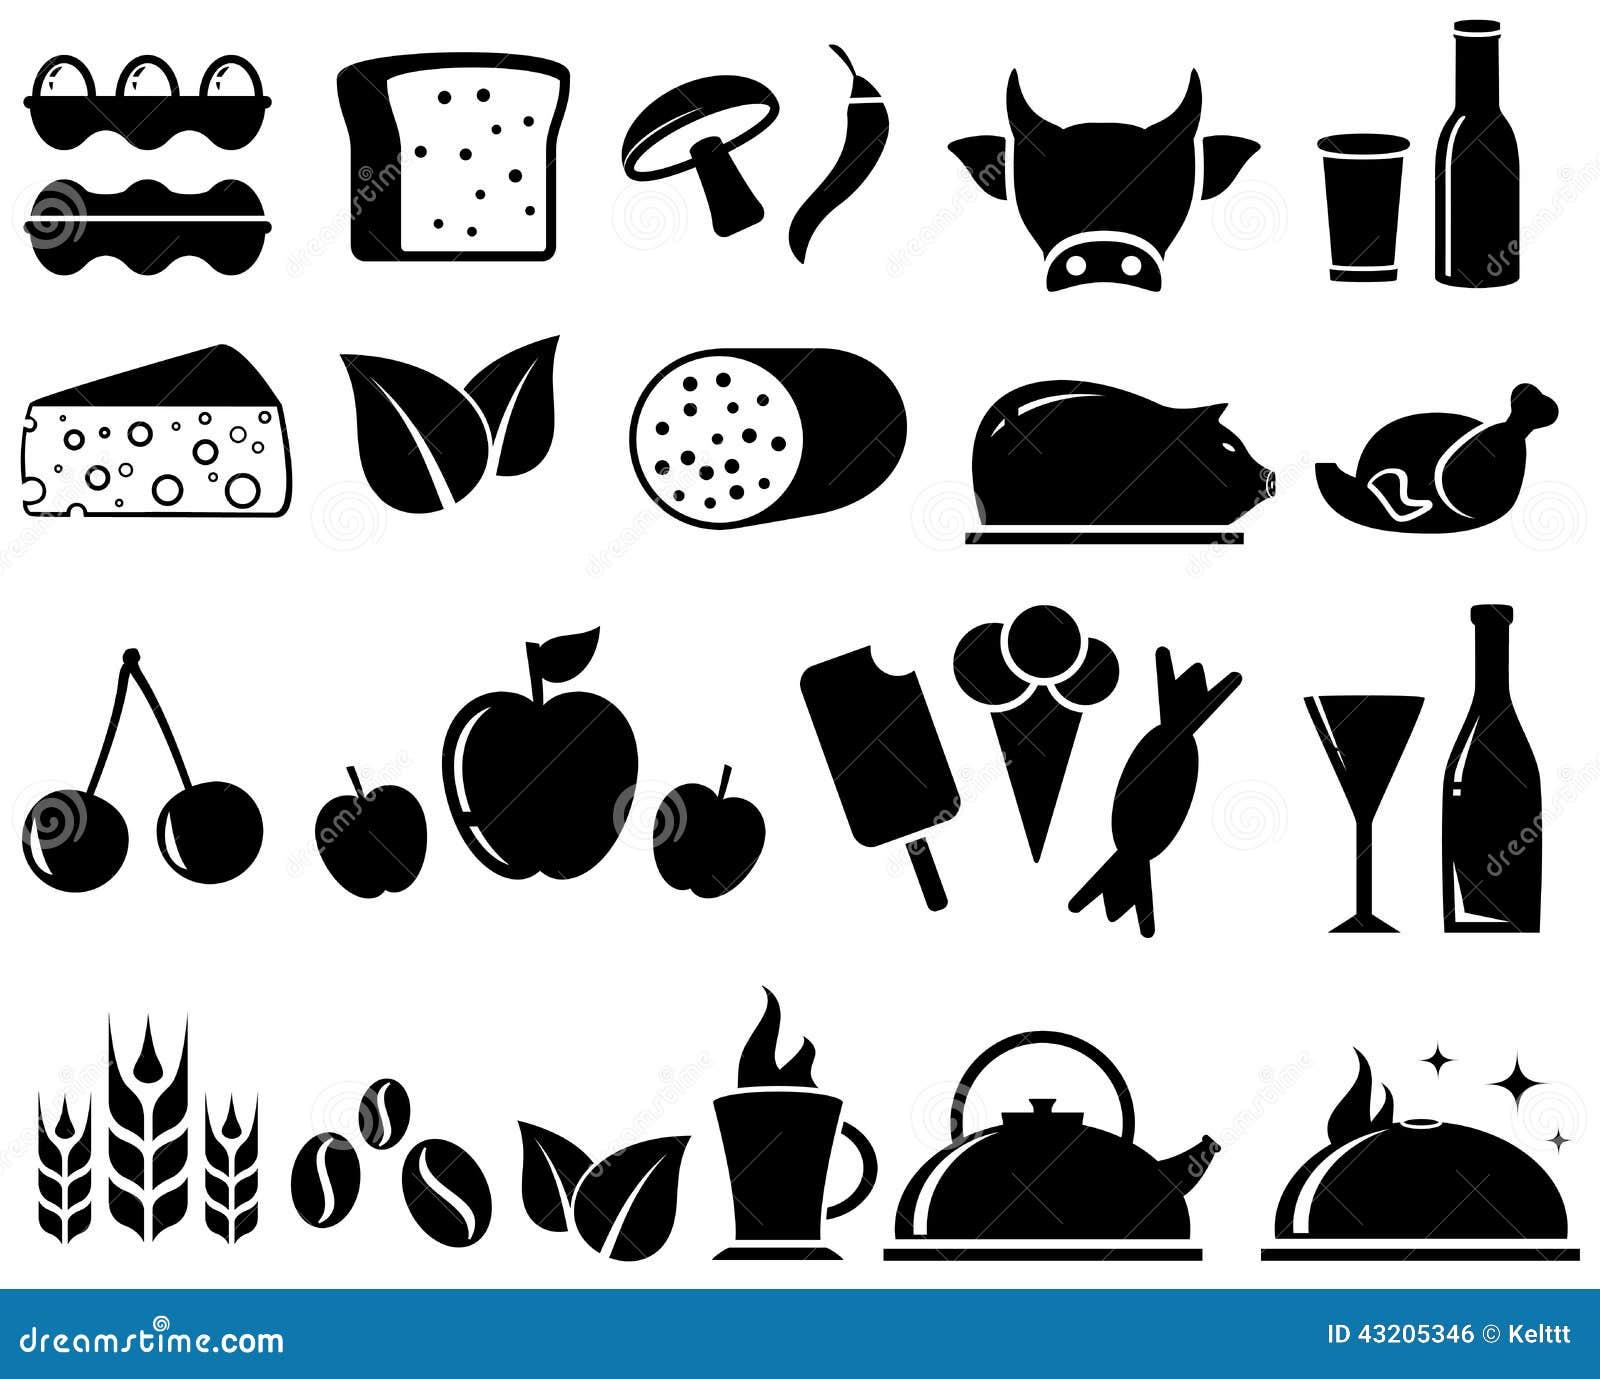 Download Ställ in matobjekt vektor illustrationer. Illustration av konfekt - 43205346